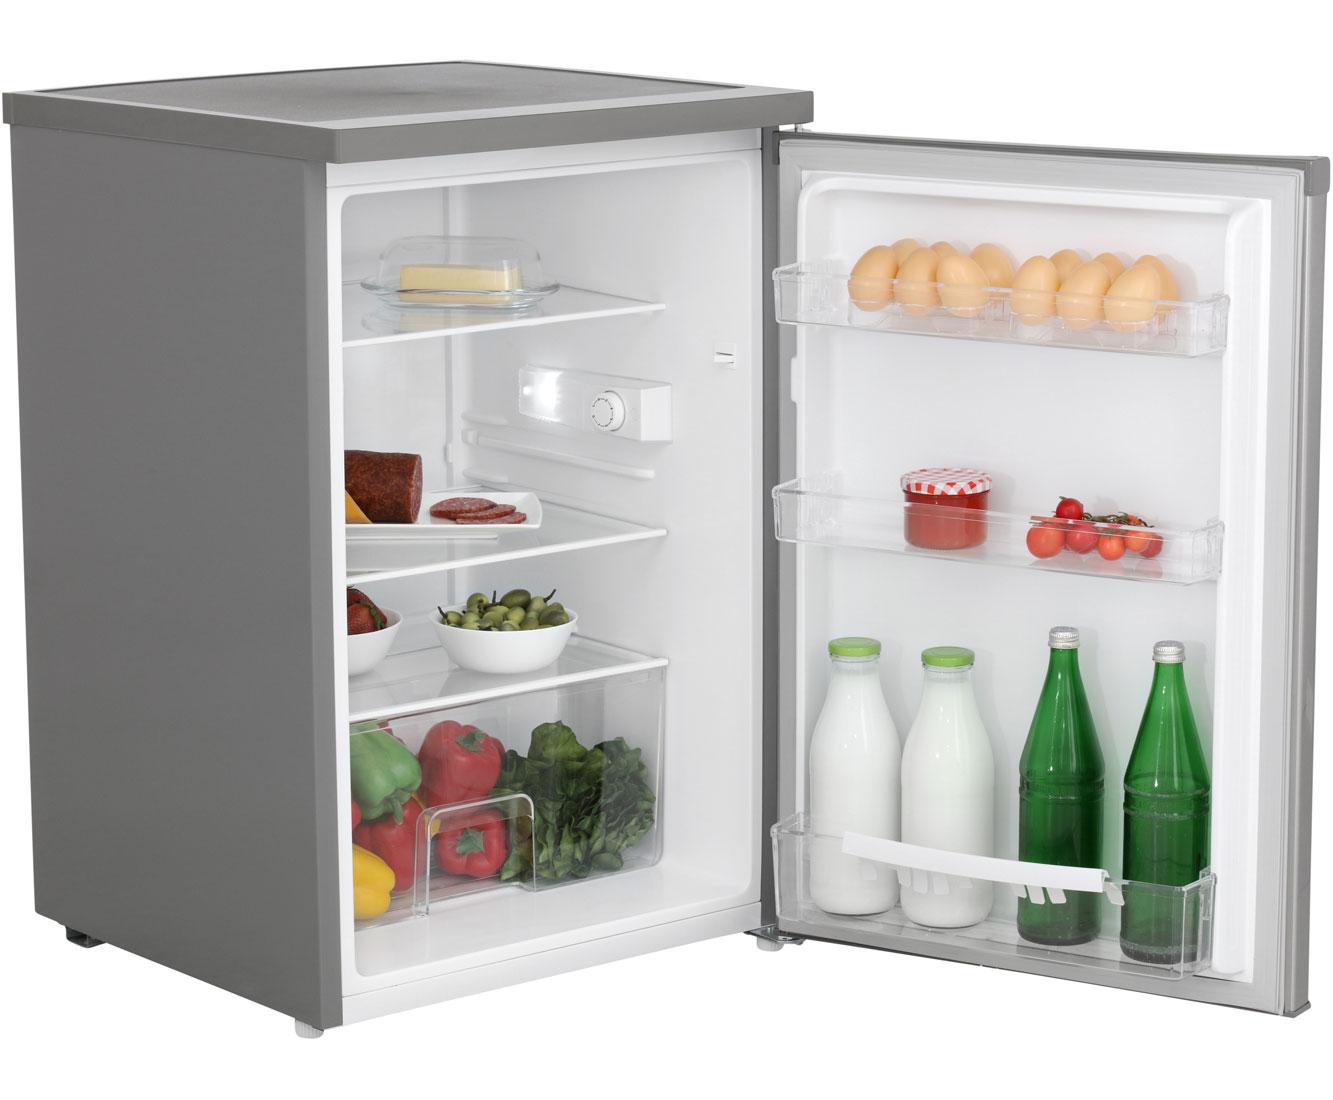 Bomann Kühlschrank Welche Stufe : Kühlschrank welche stufe reparatur liebherr gefrierschrank